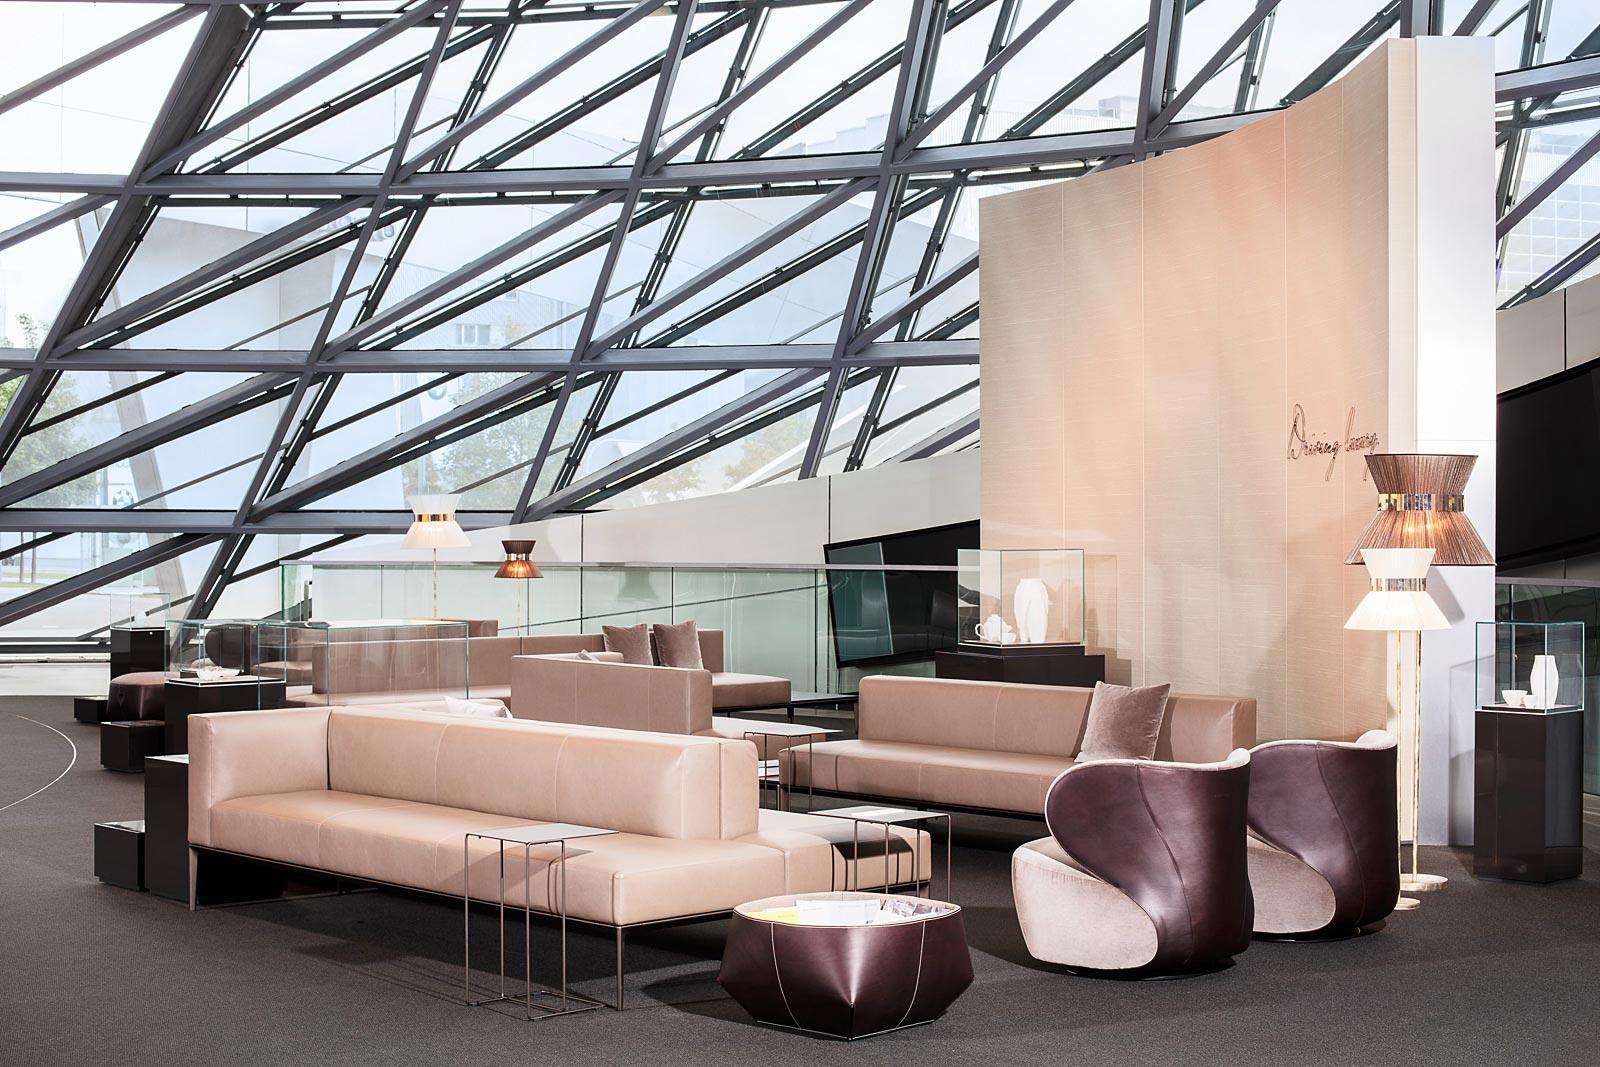 Architekturfotograf aus münchen, Innenarchitektur Fotograf, in münchen,